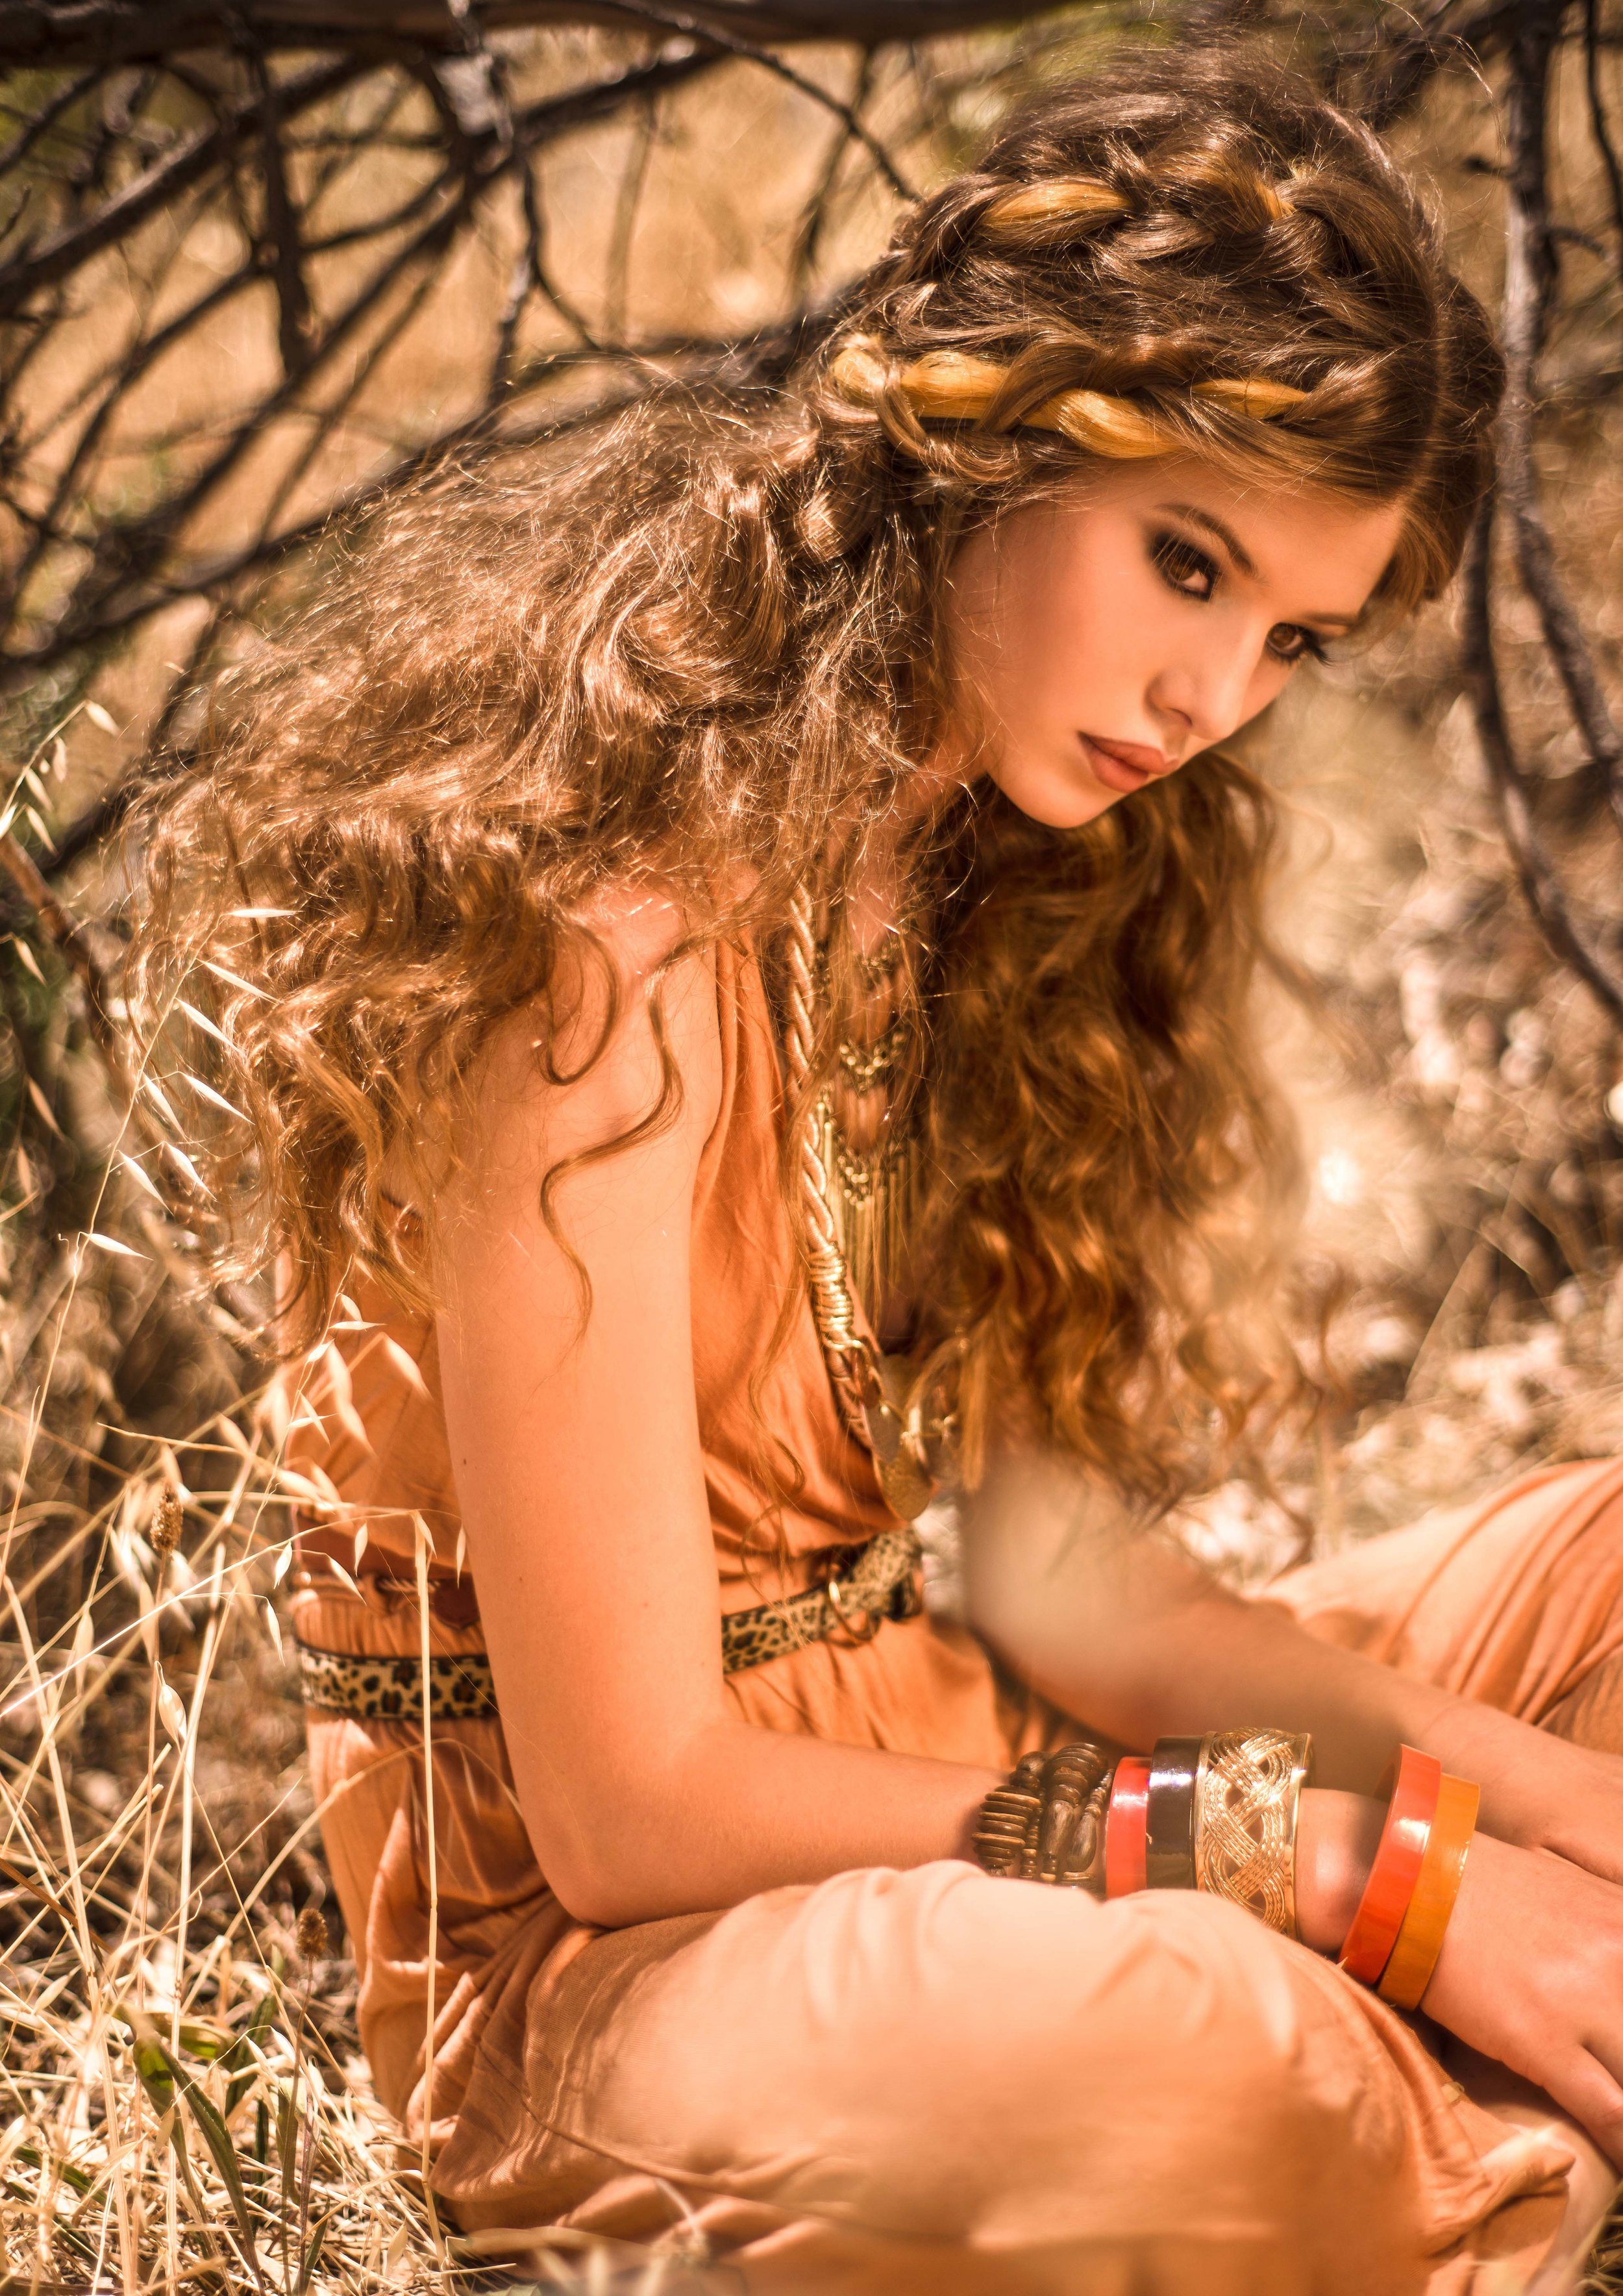 Monique_Dilieto1.jpg